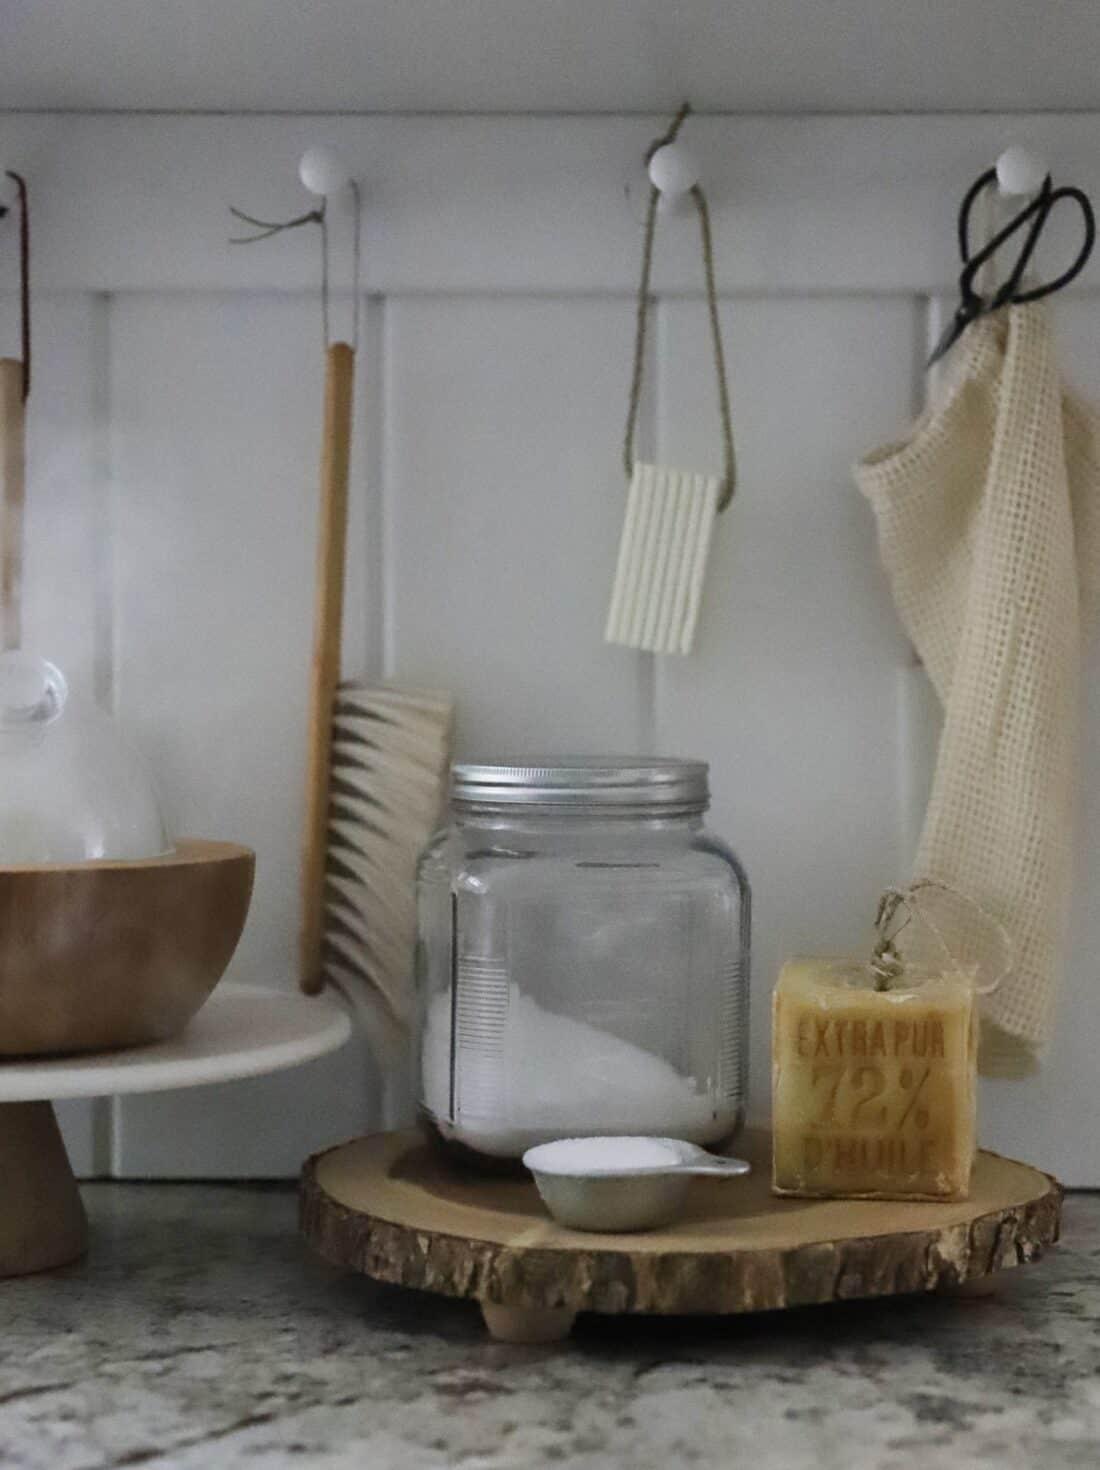 diy bath salts using essential oils